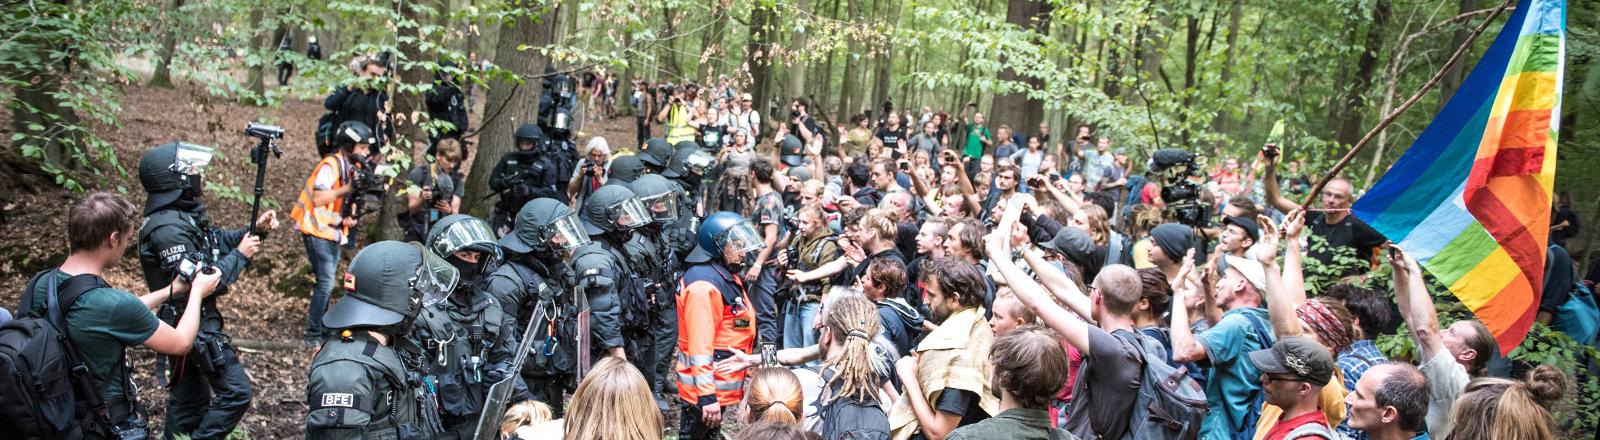 Demonstranten und Polizisten im Hambacher Forst